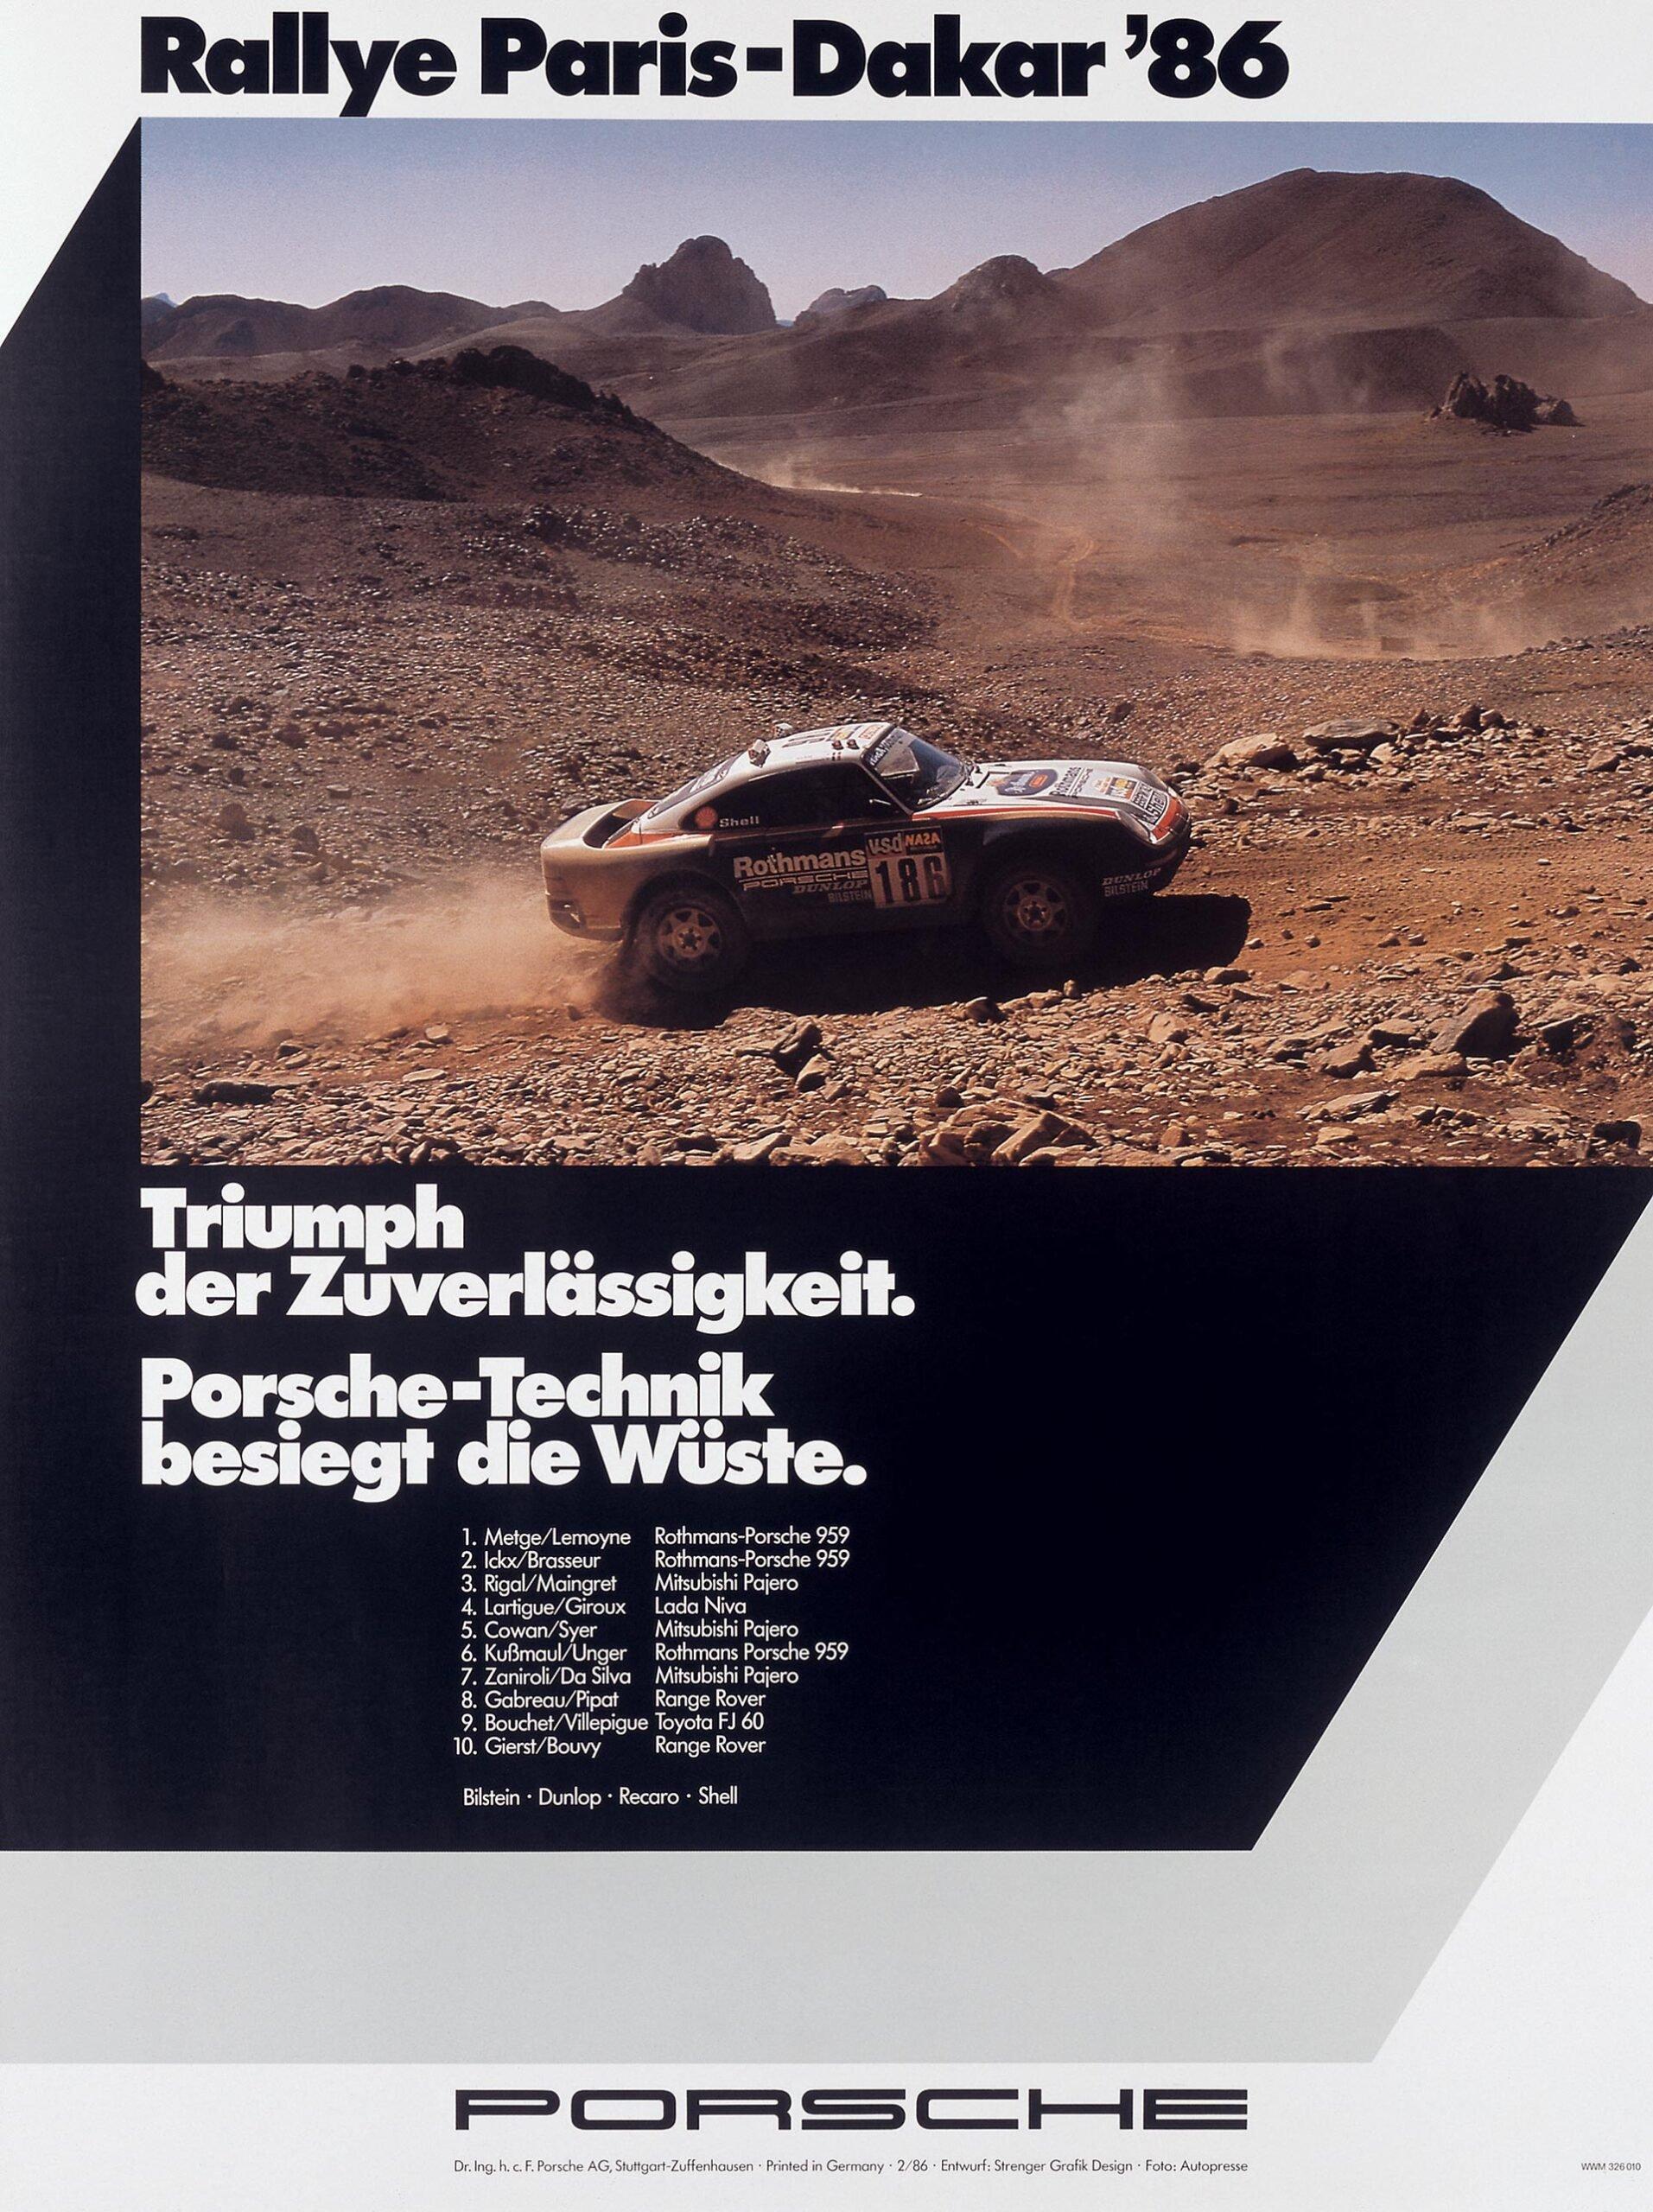 Plakat Porsche Paris-Dakar 1986